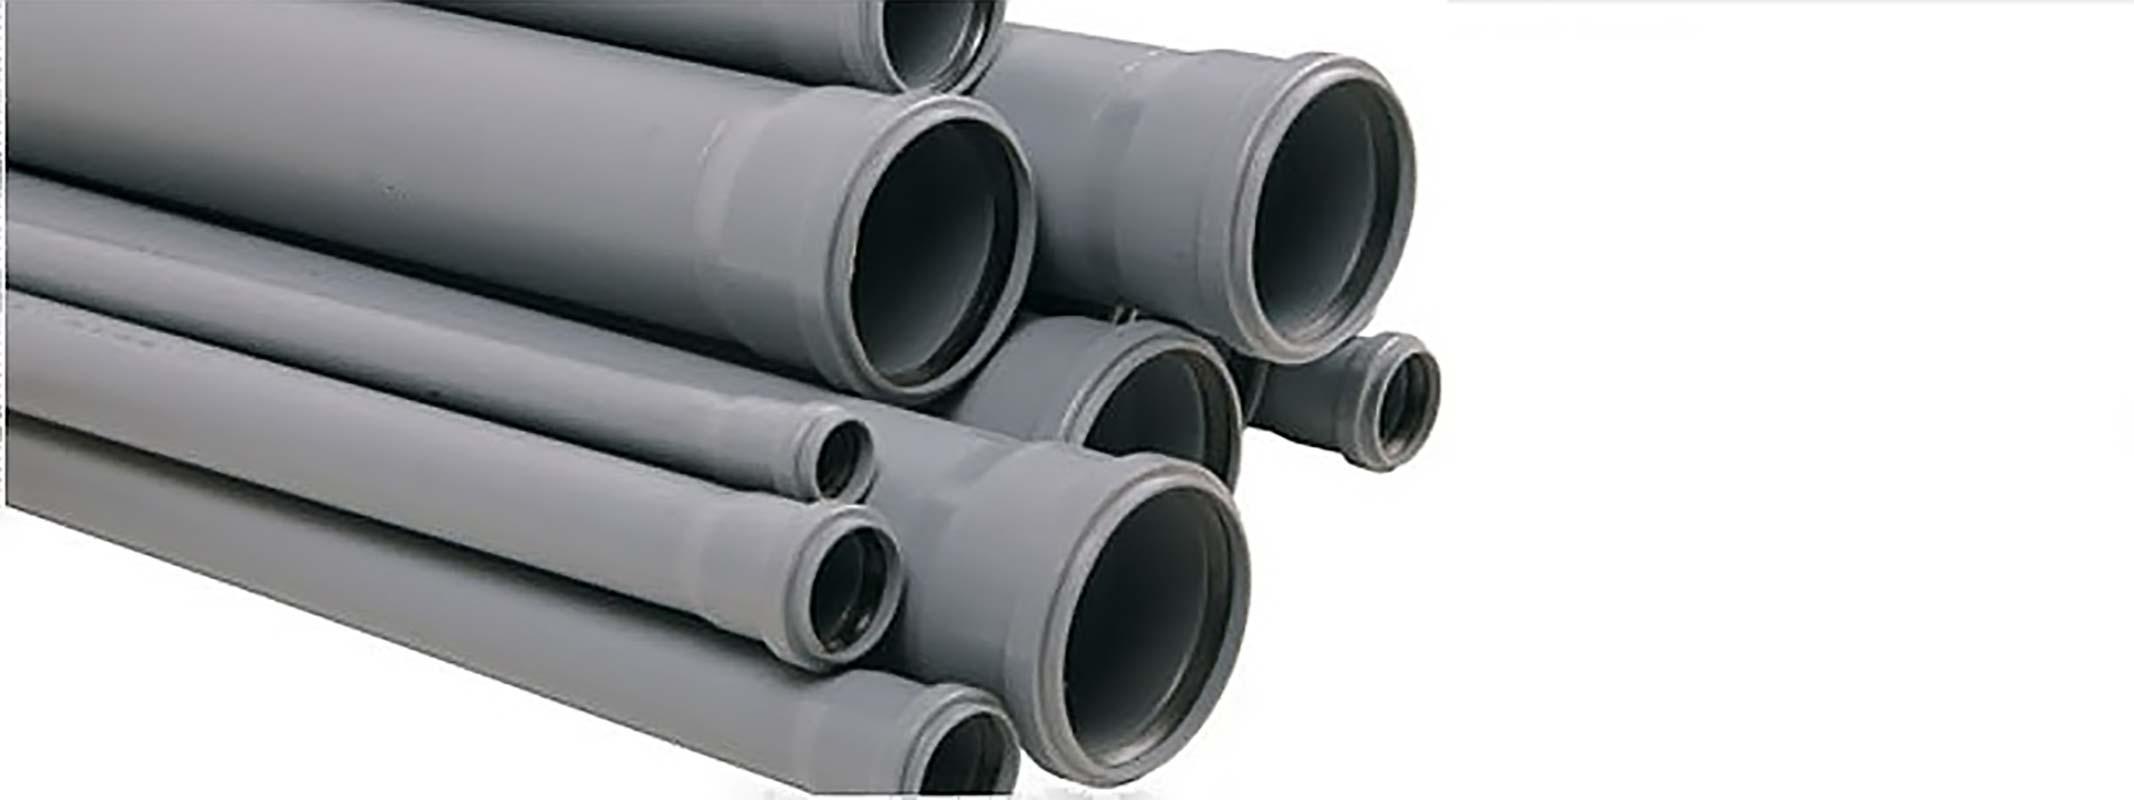 Трубы для наружной канализации: как выбрать лучший материал изготовления? +фото и видео